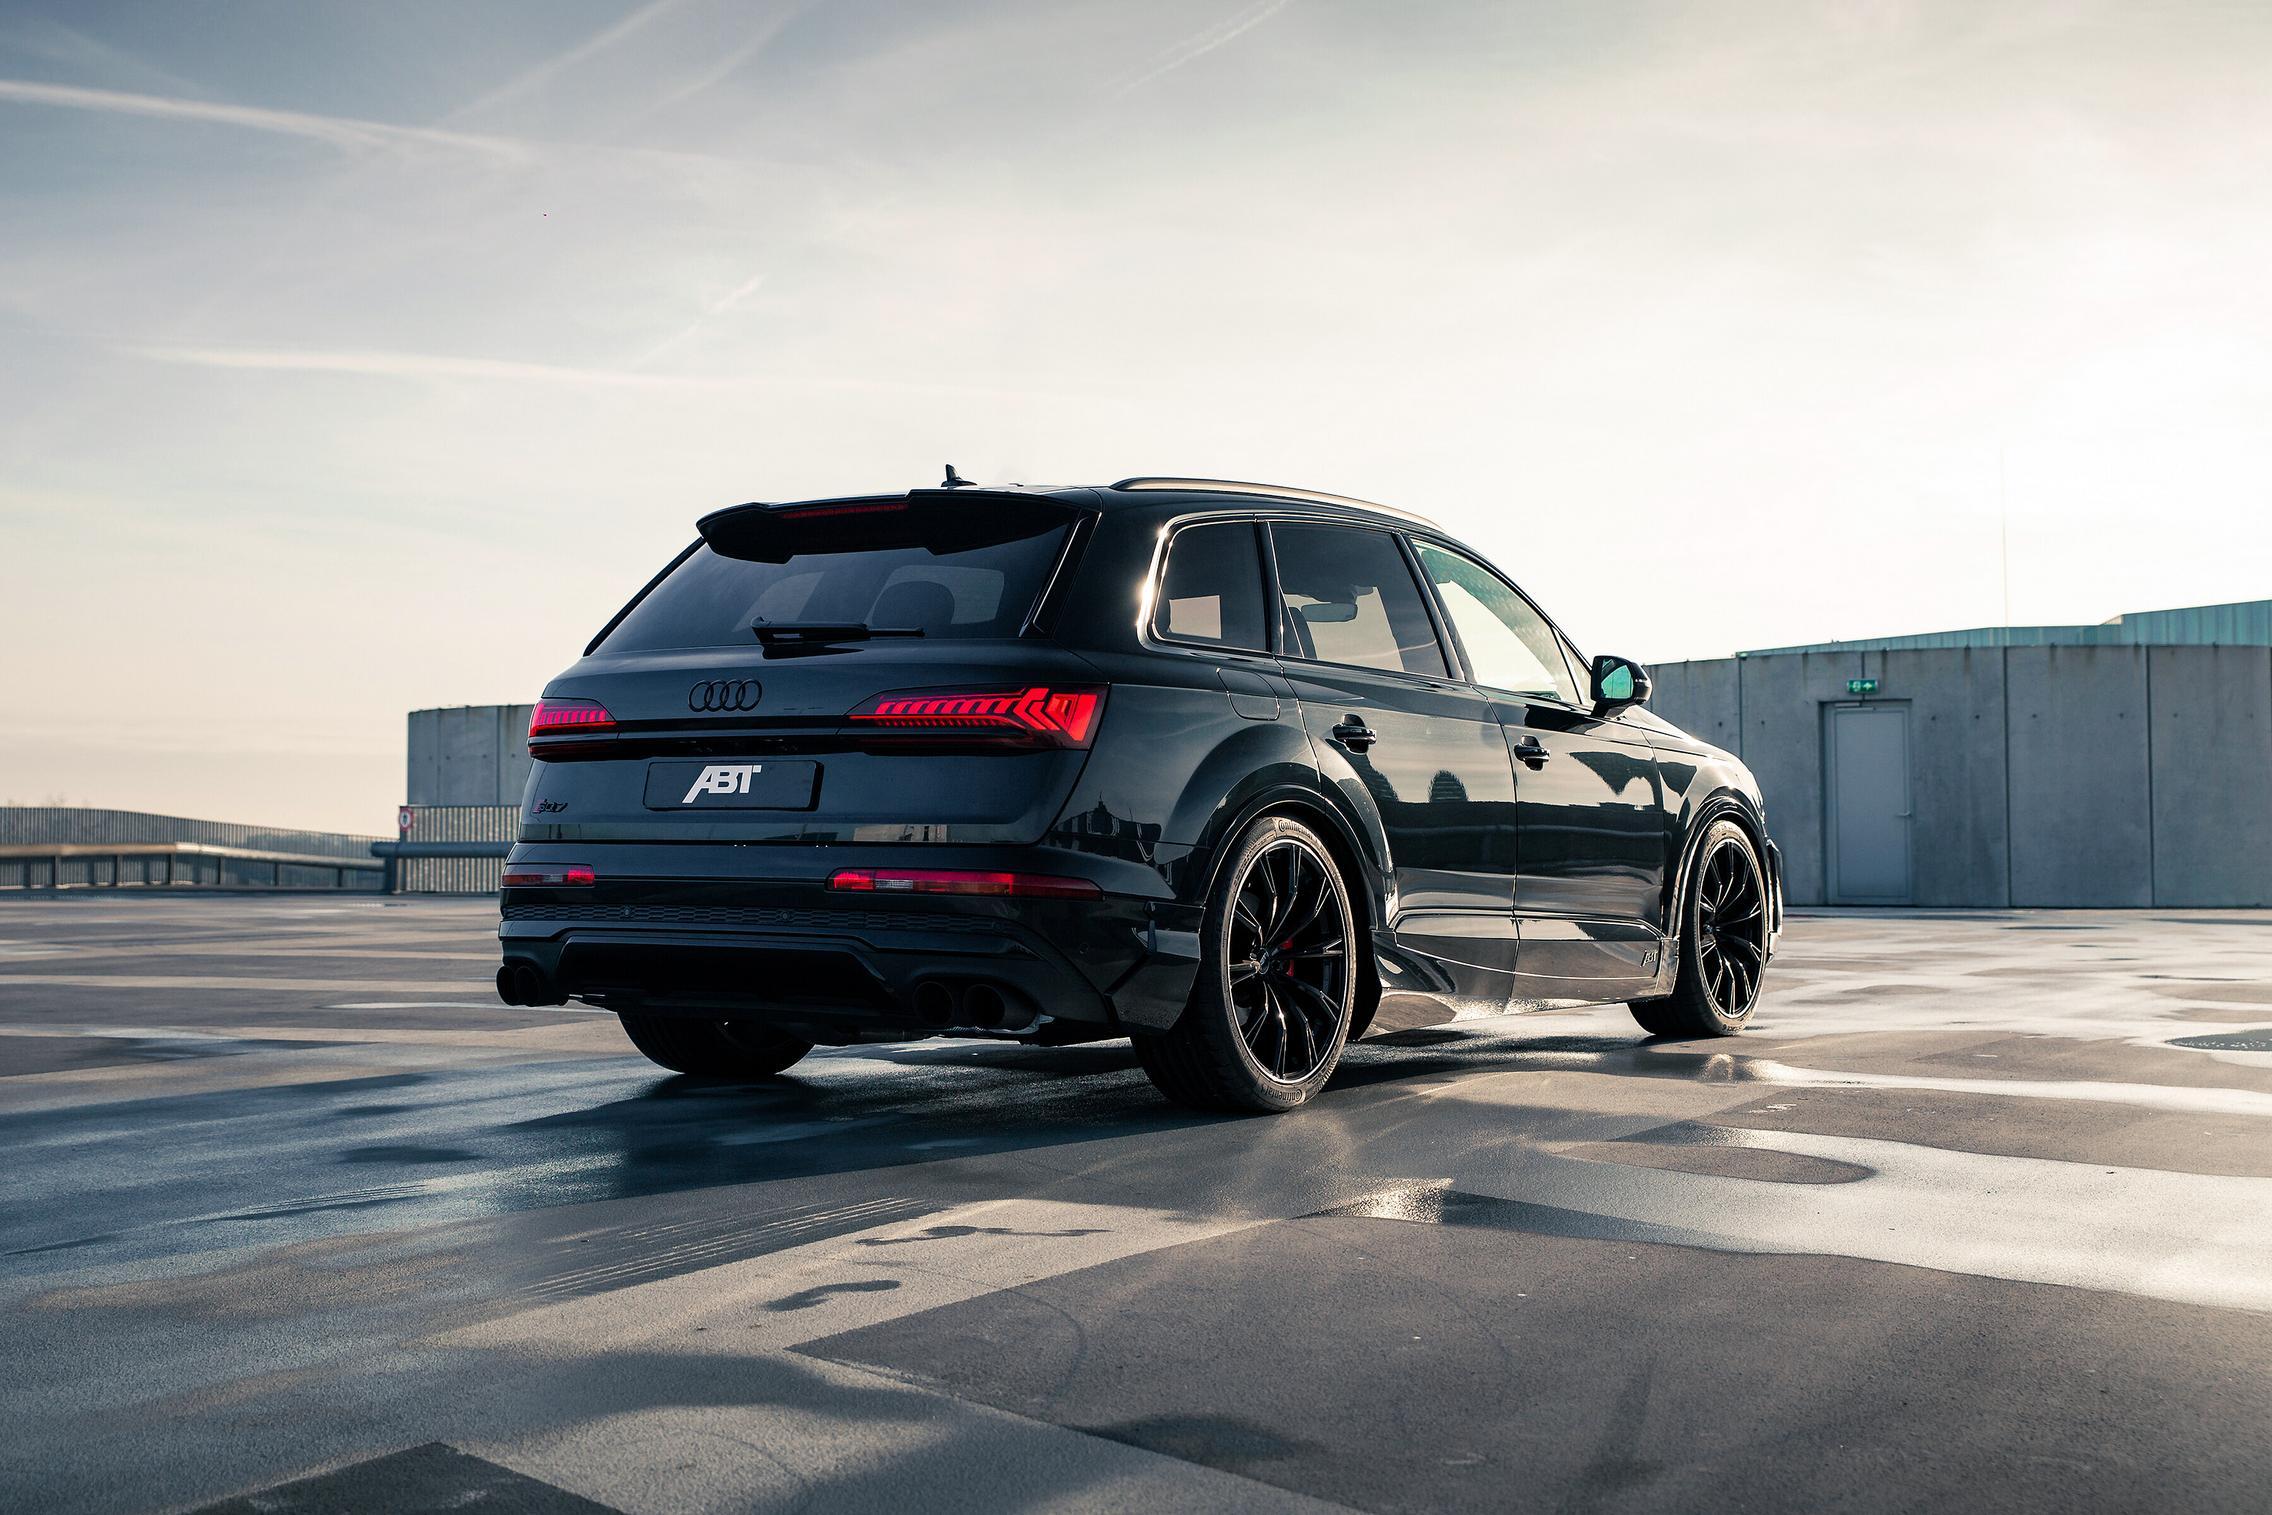 Audi-SQ7-ABT-wide-bodykit-3